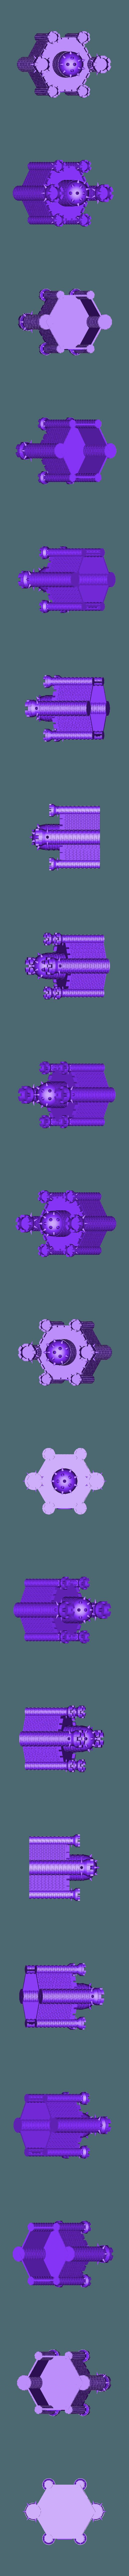 Bowsers castle.STL Télécharger fichier STL gratuit Château Mario Bros • Objet pour imprimante 3D, robotmecatronix